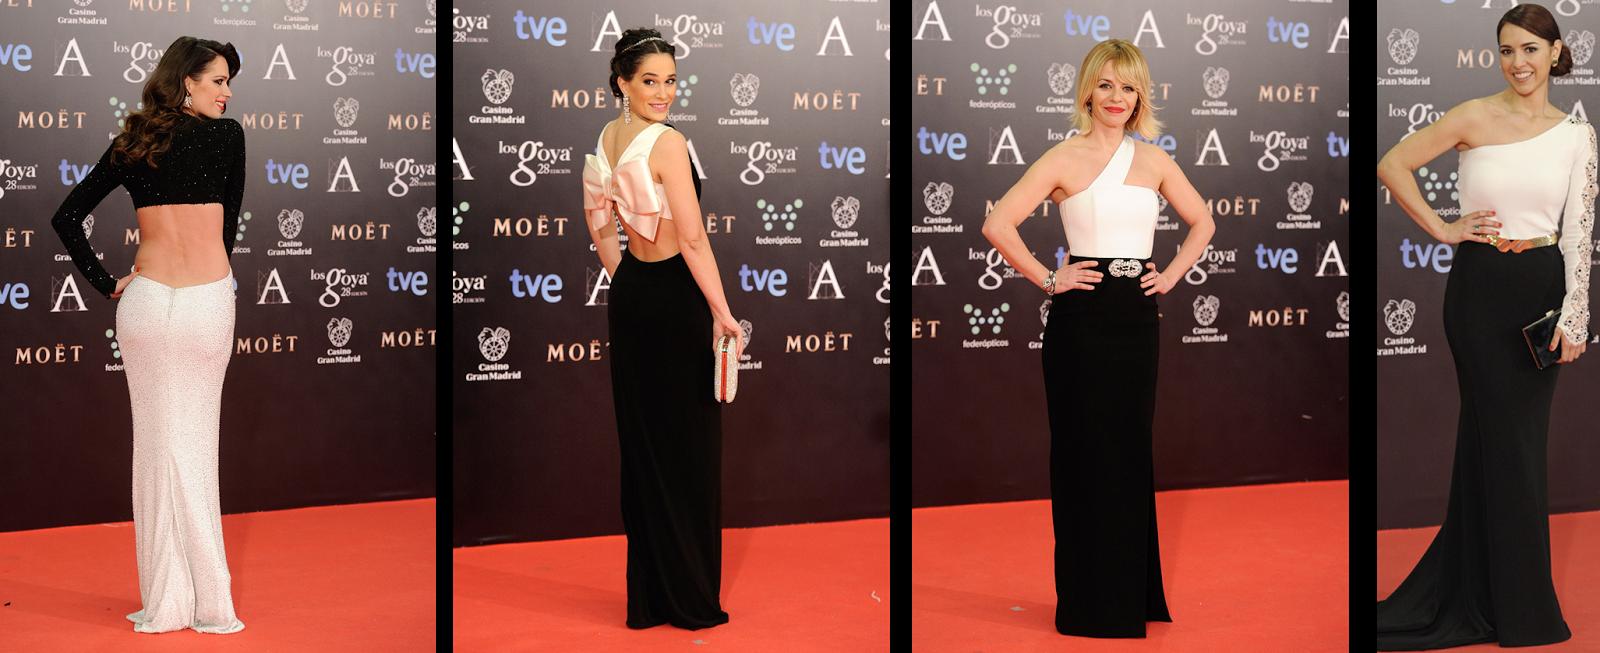 Gala de los Goya 2014 actrices vestidas de negro y blanco